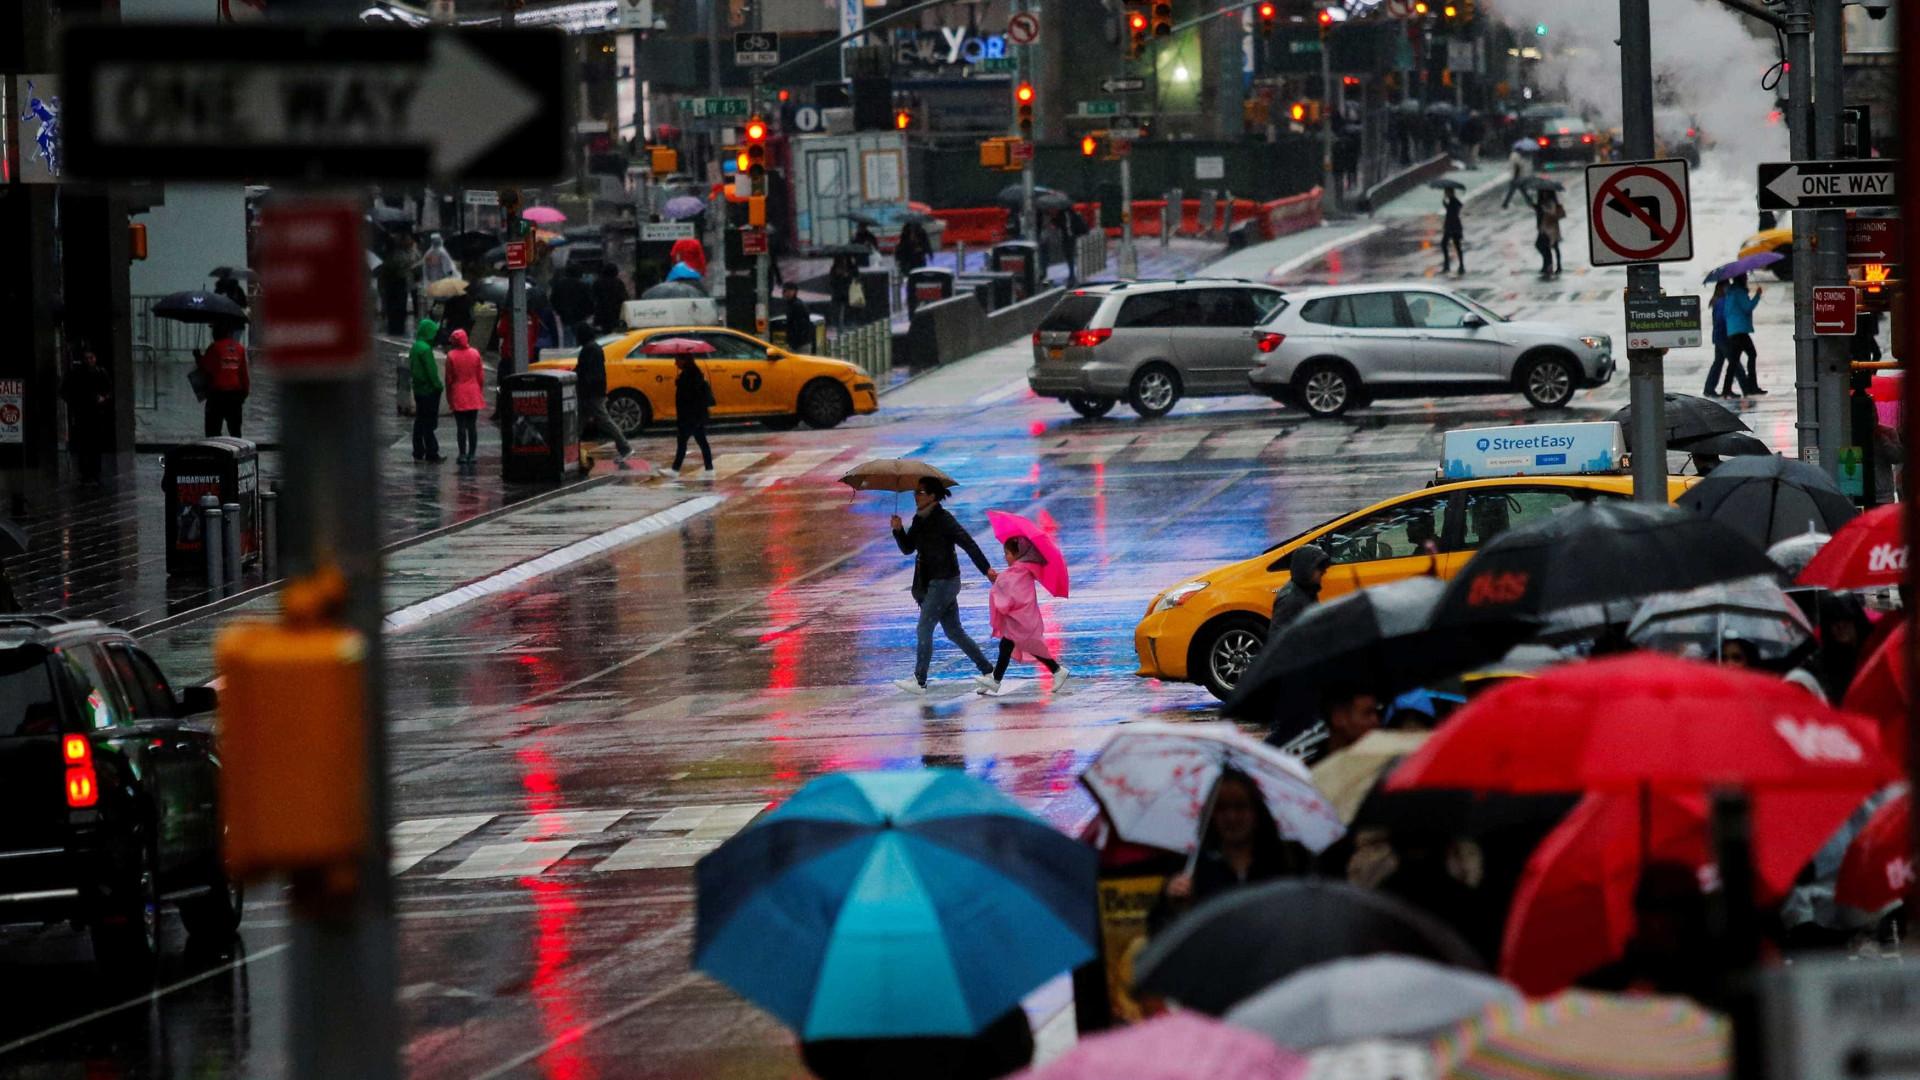 Veículo em alta velocidade atropela multidão na Times Square, em NY